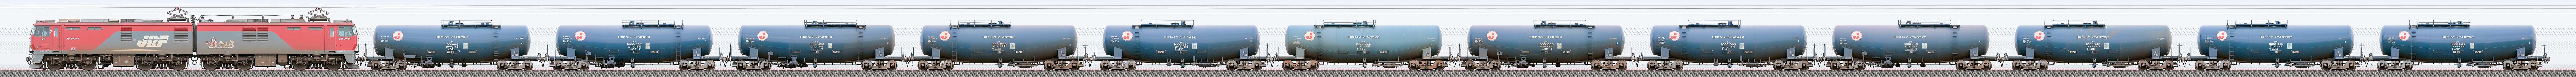 JR貨物EH500-54+タキ1000形12車(1070列車)の編成サイドビュー